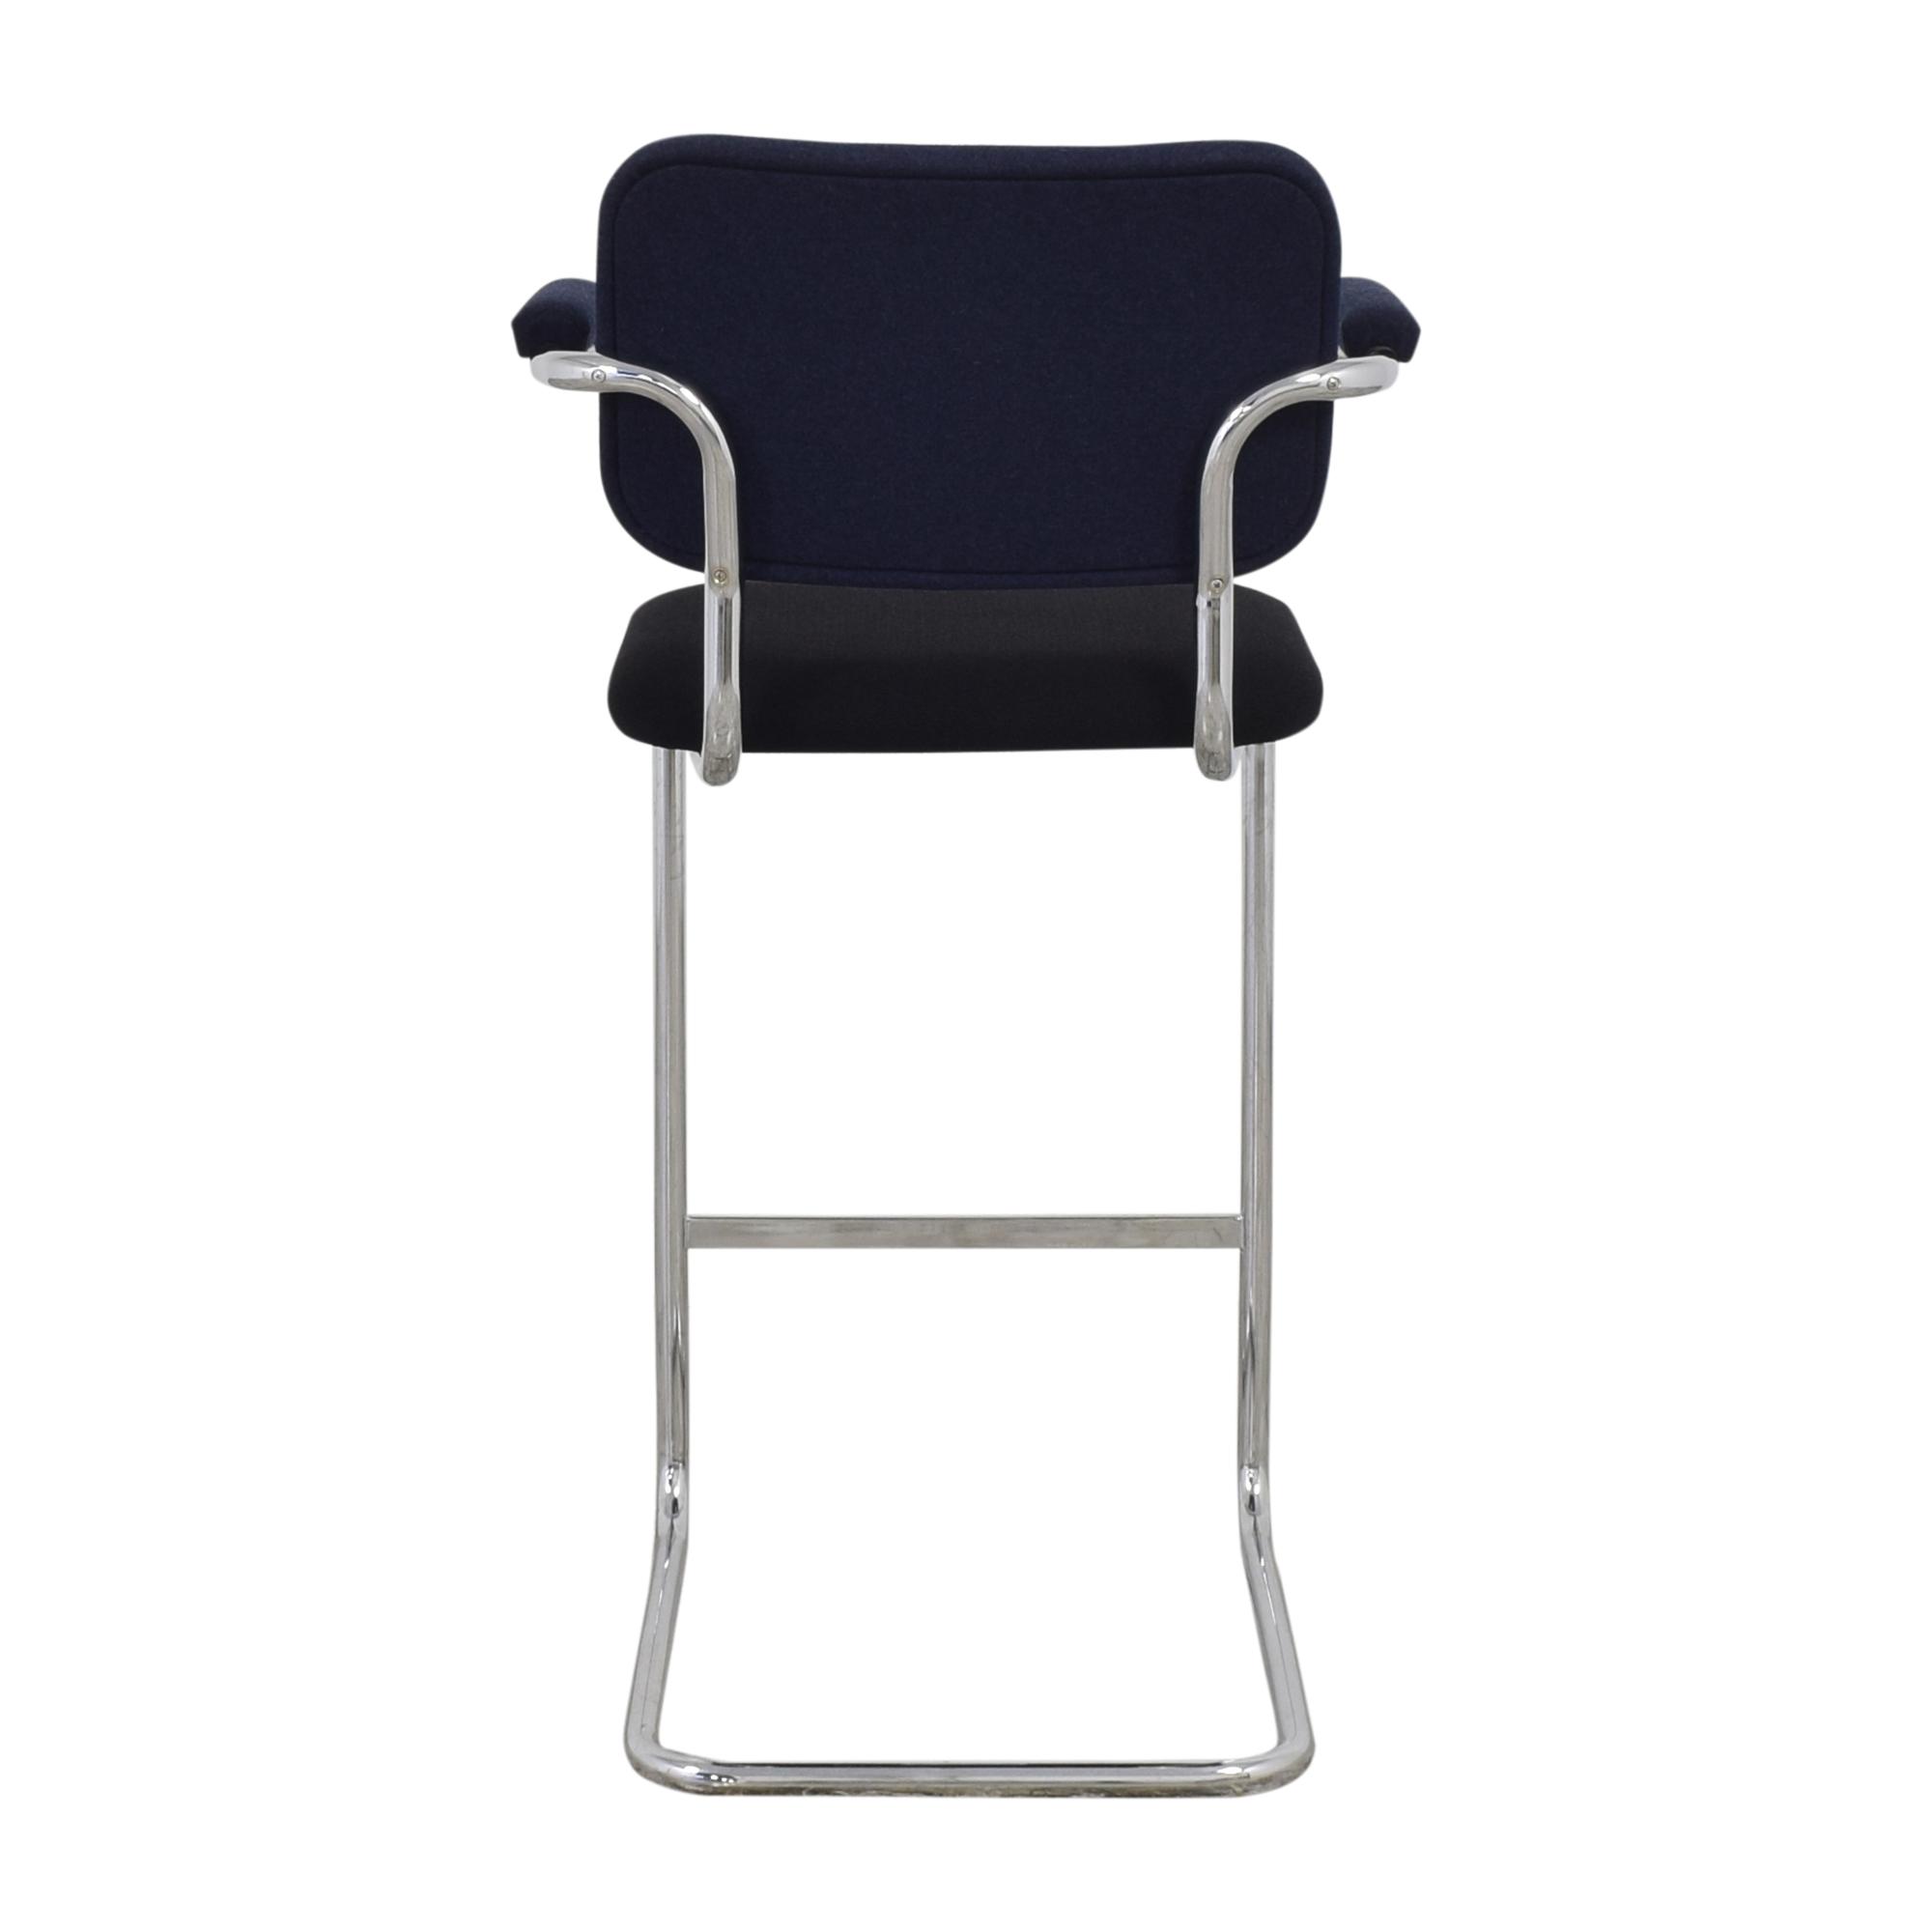 Knoll Knoll Marcel Breuer Cesca Arm Chair multi